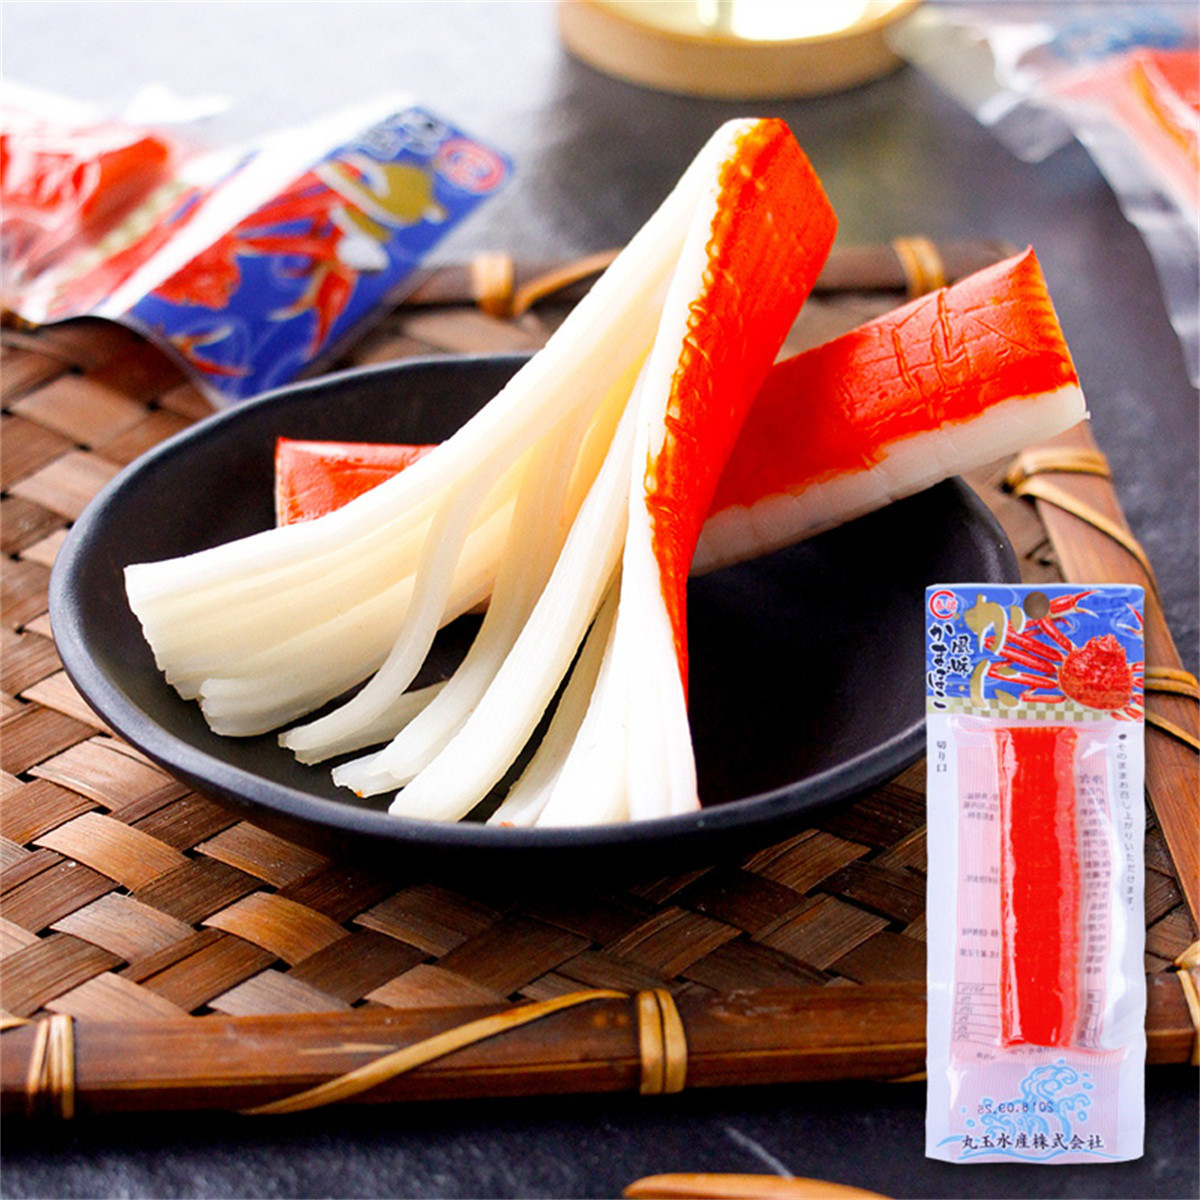 和風细语日本进口蟹肉棒15根装即食手撕蟹柳北海道长脚蟹休闲零食COLOR蟹肉棒